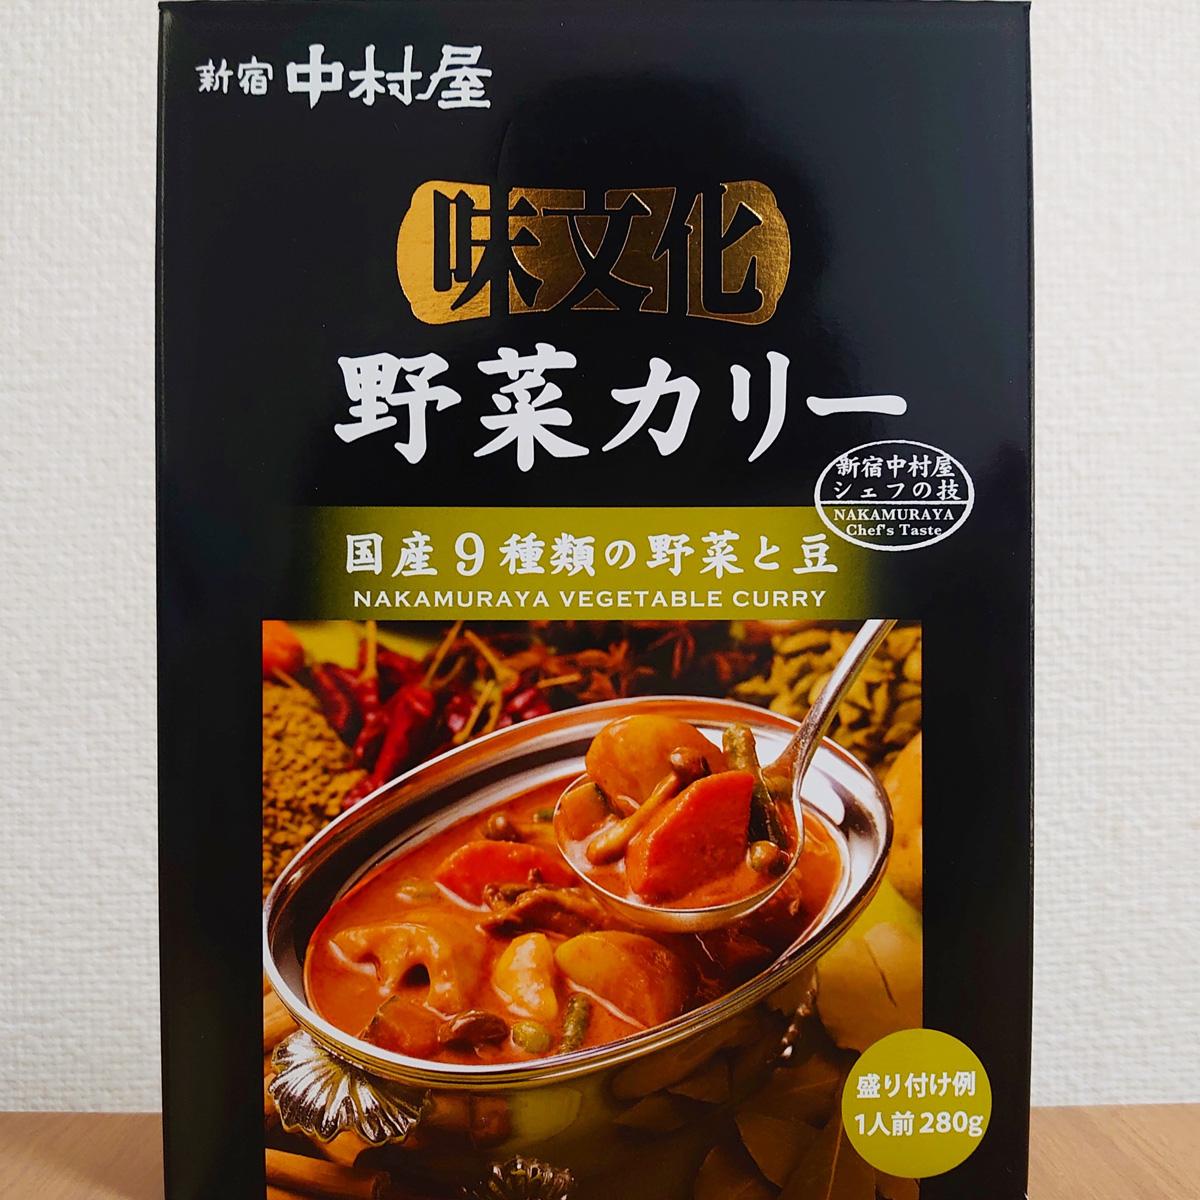 中村屋 味文化 野菜カリー